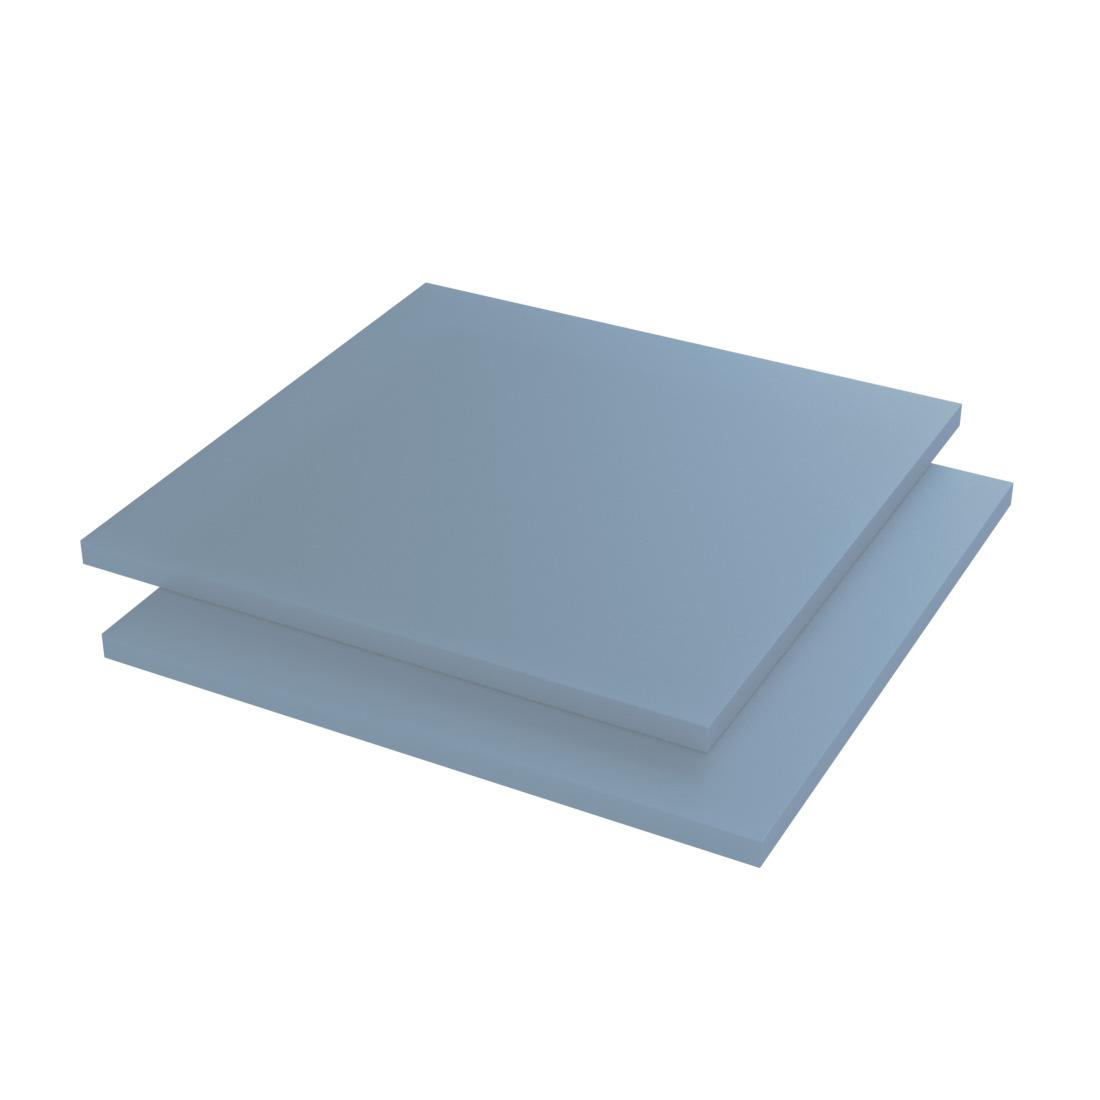 Vinplast POM-LX Plaat Blauw 2000x500x10mm